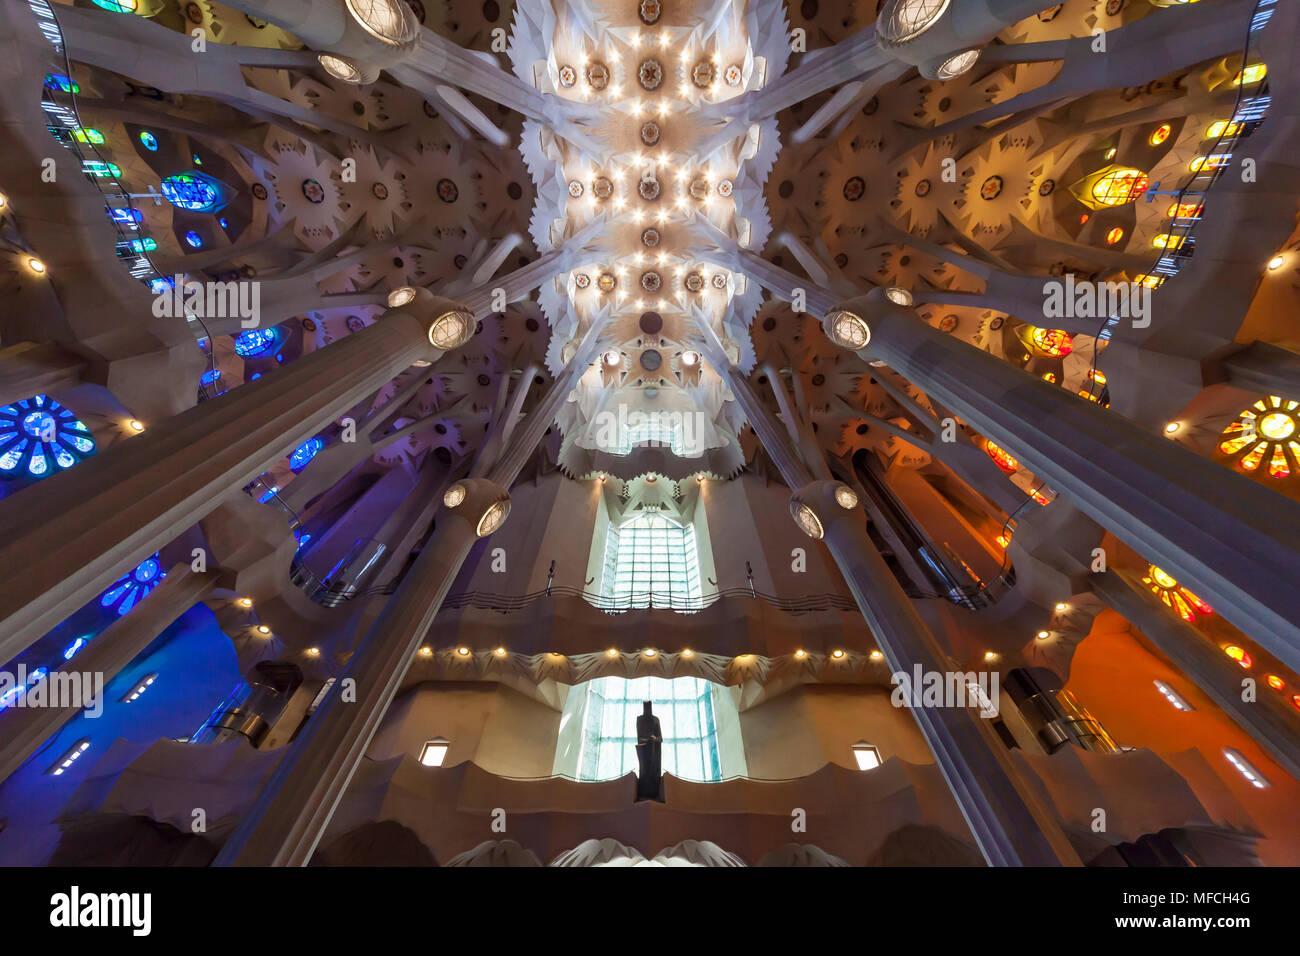 La Basílica i Temple Expiatori de la Sagrada Família è una grande incompiuta Chiesa Cattolica Romana di Barcellona. Immagini Stock